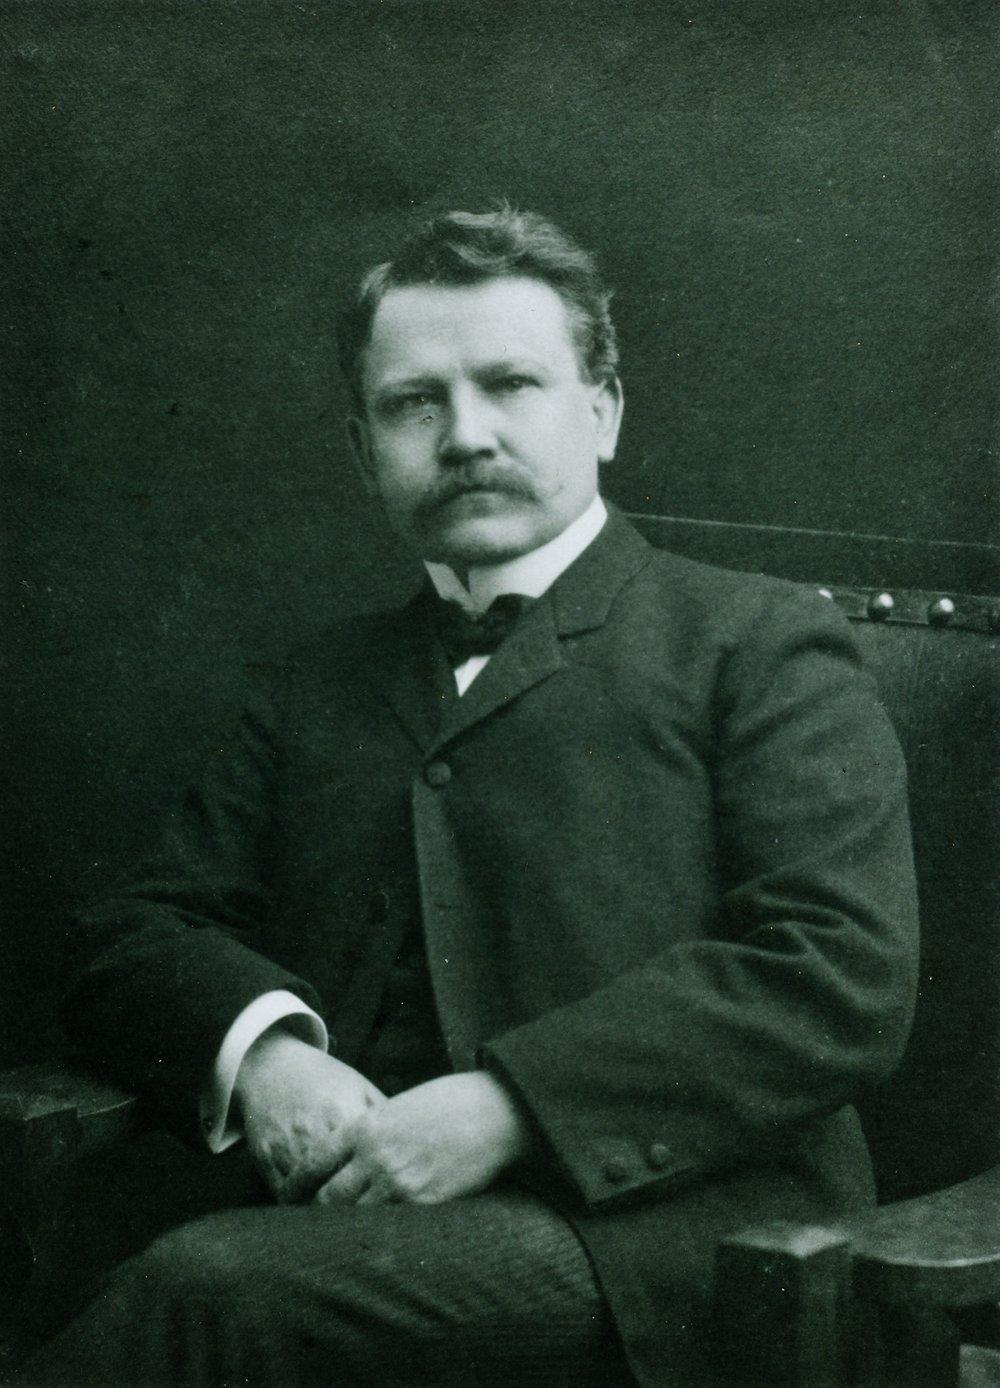 Dr. James C. Shannon 1859-1926